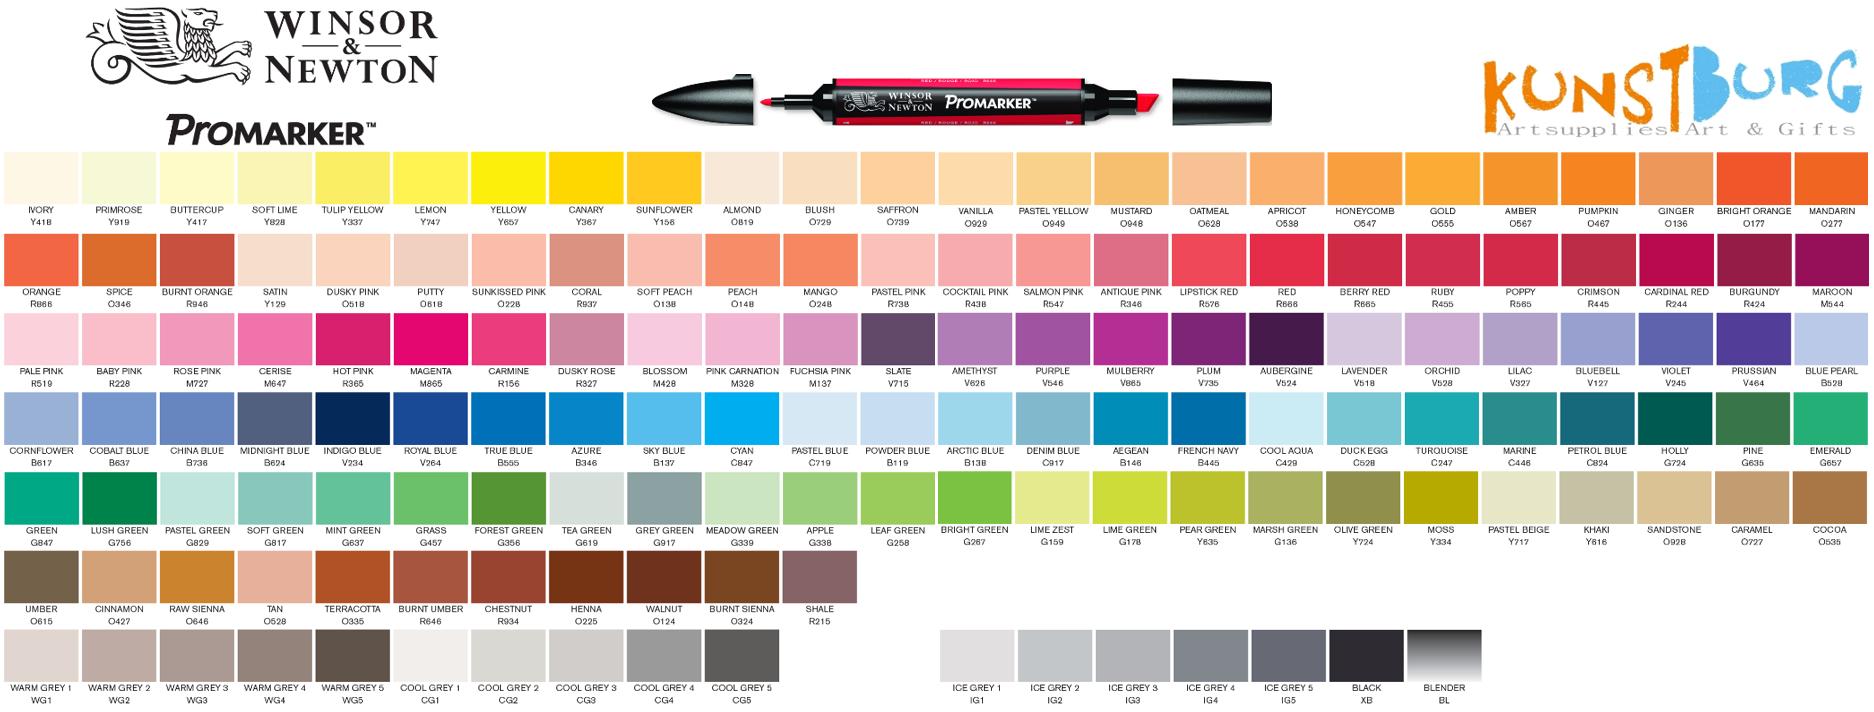 Kleurenkaart Winsor & Newton Promarker